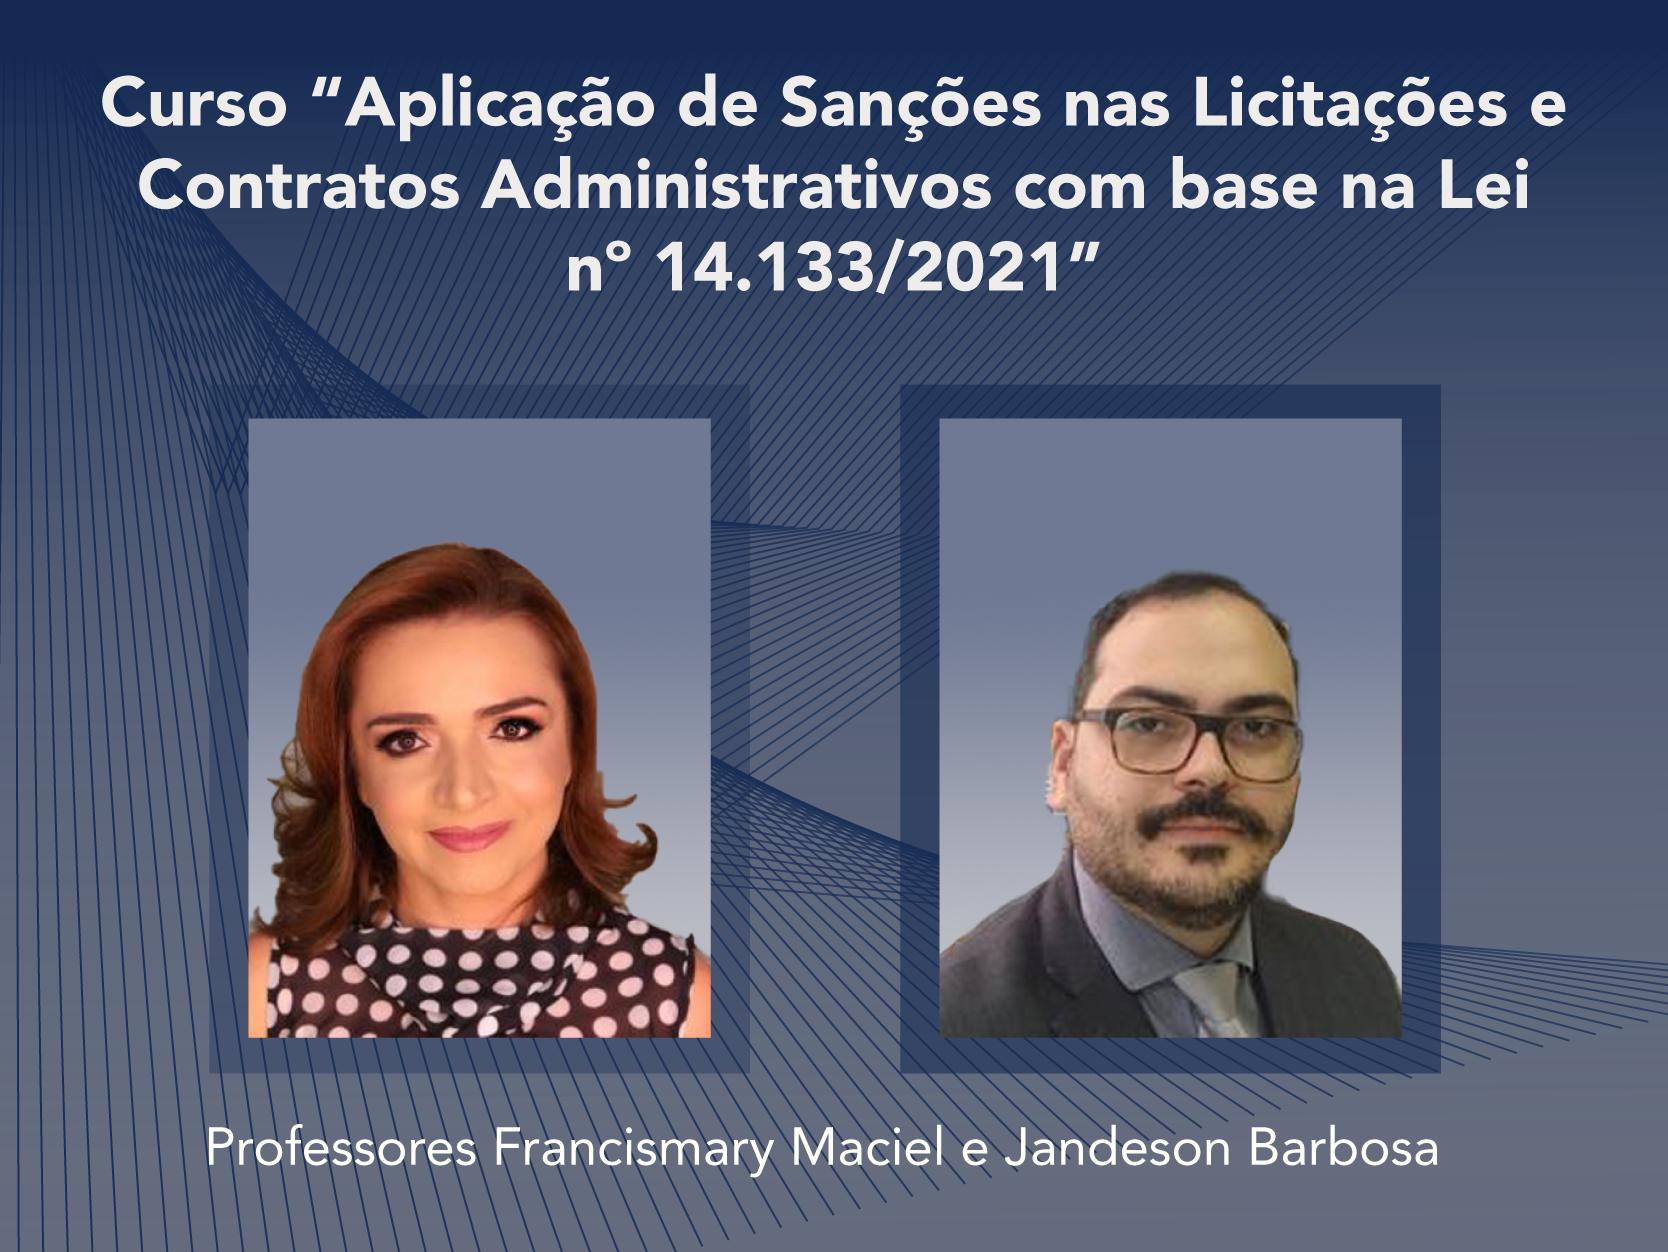 Curso: Aplicação de Sanções nas Licitações e Contratos Administrativos com base na Lei nº 14.133/2021 - Não perca!!!